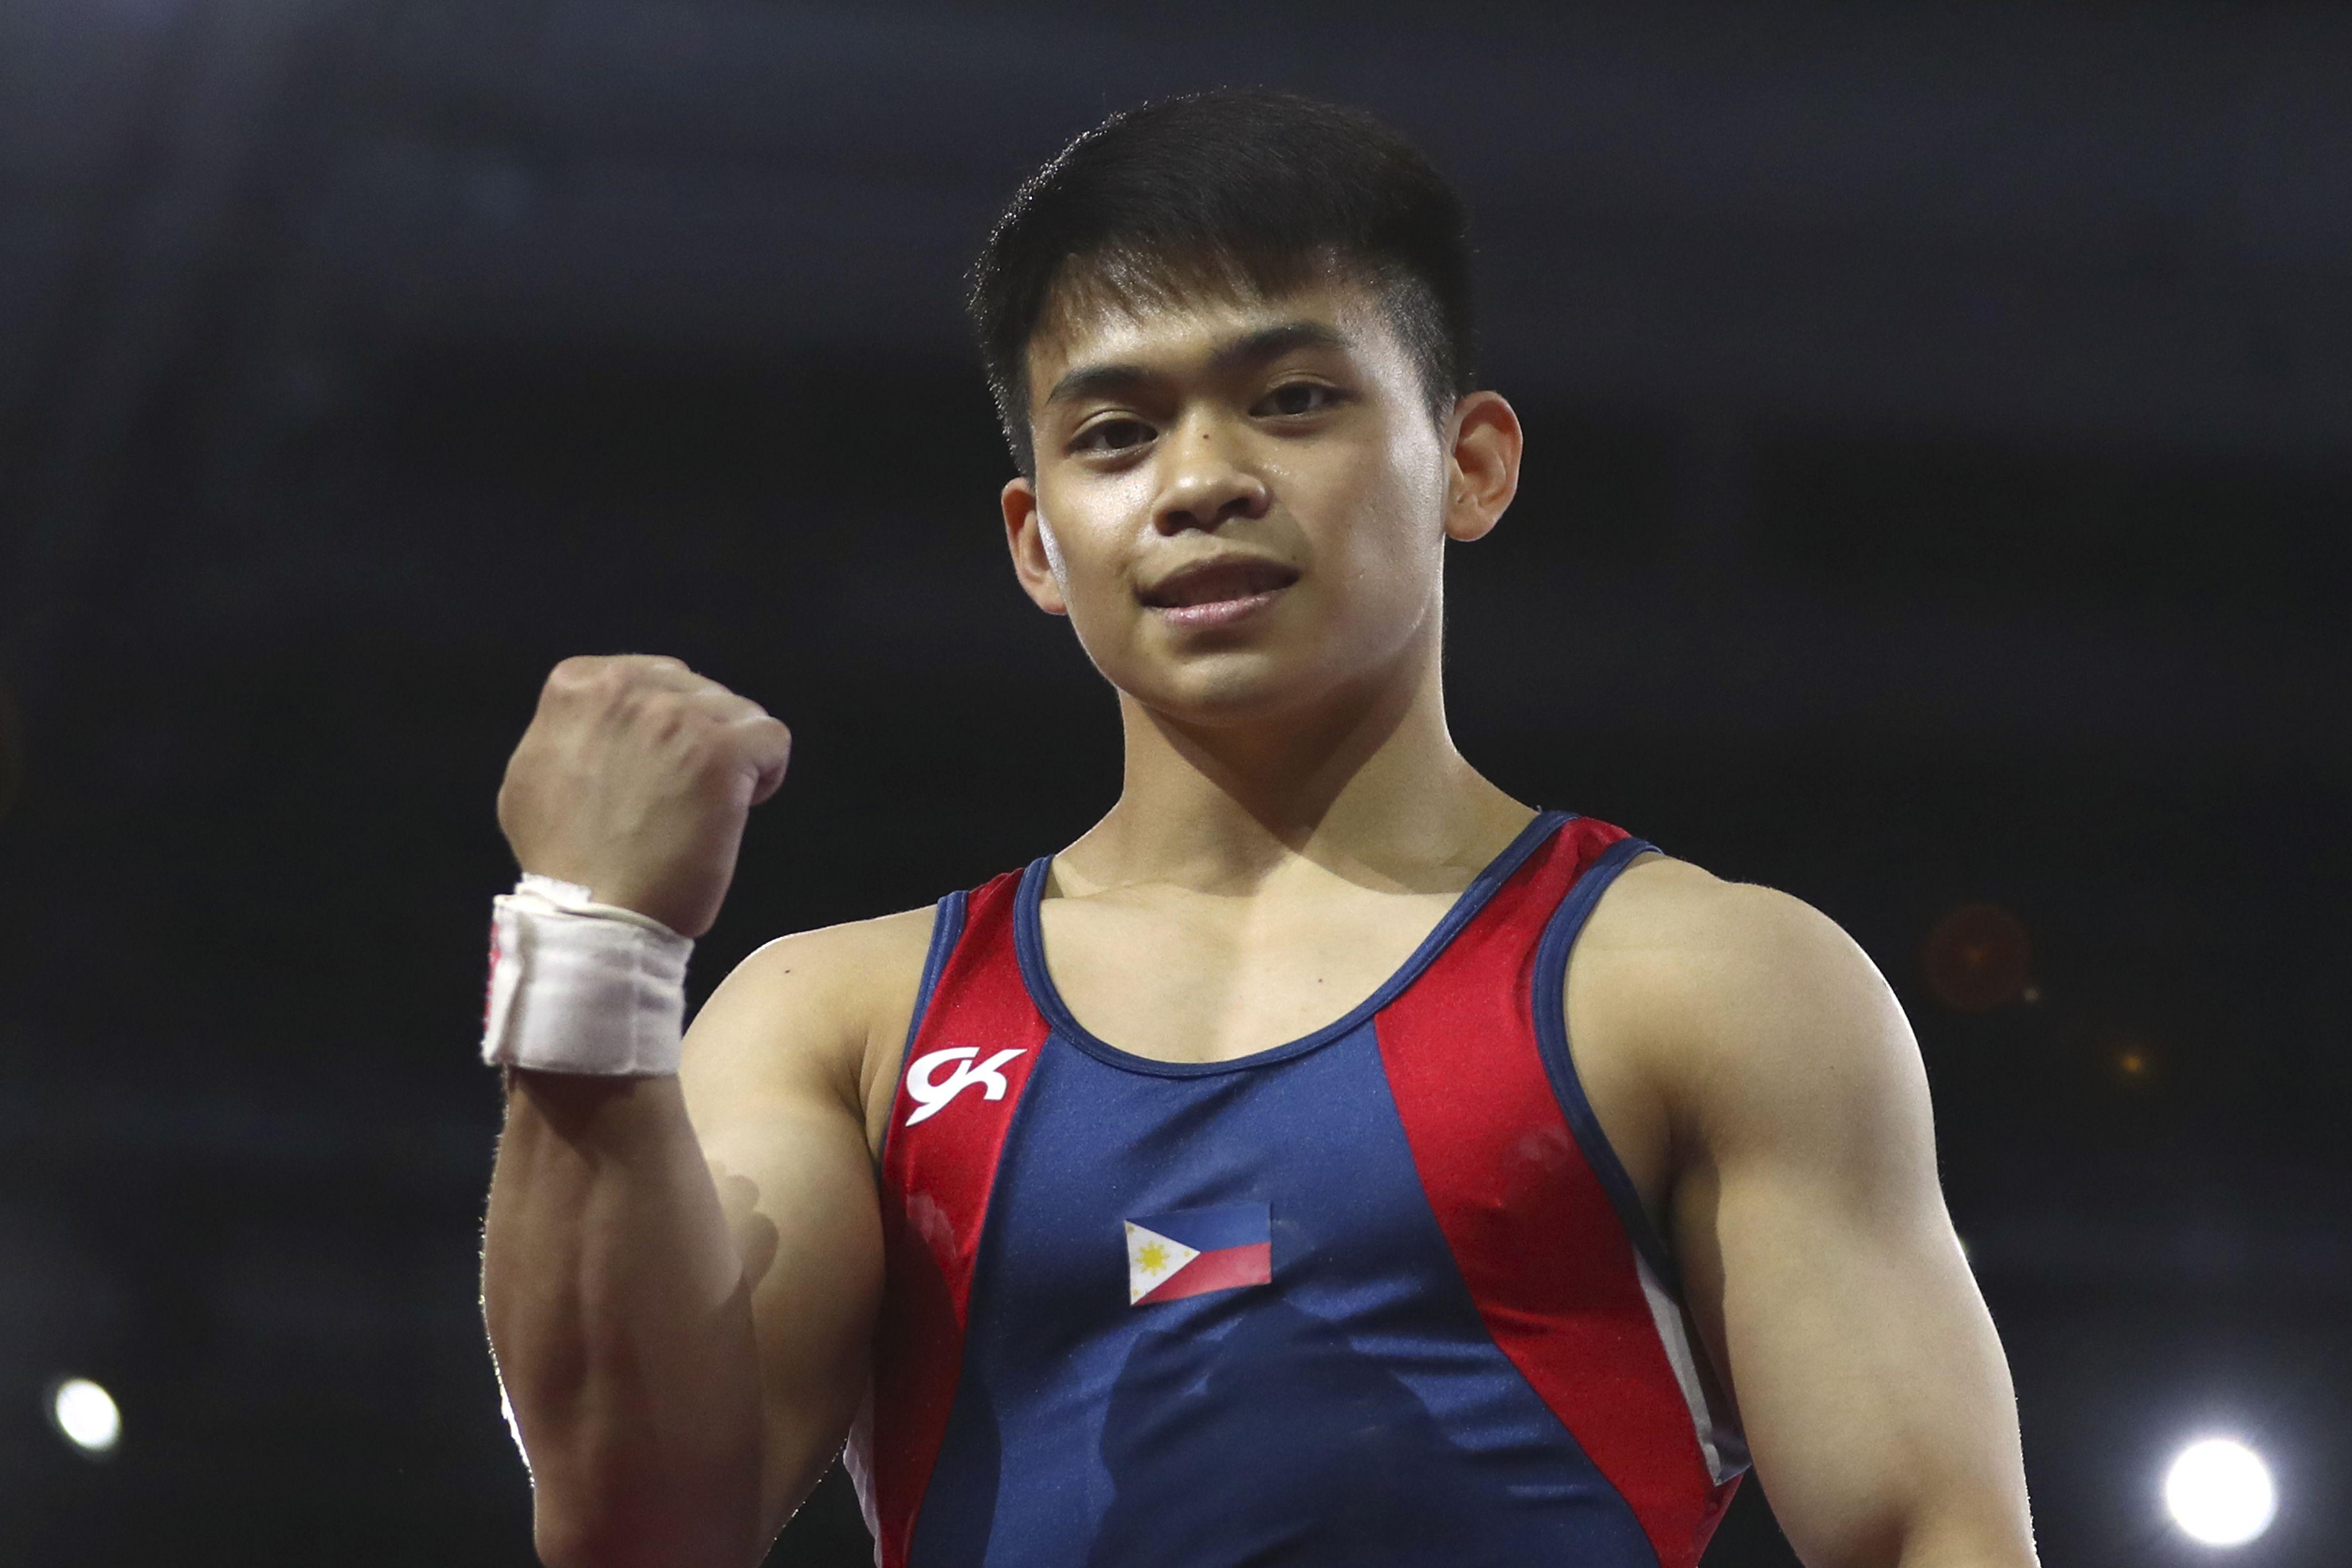 菲律賓新星尤洛於男子自由體操奪金,為國寫下歷史。AP